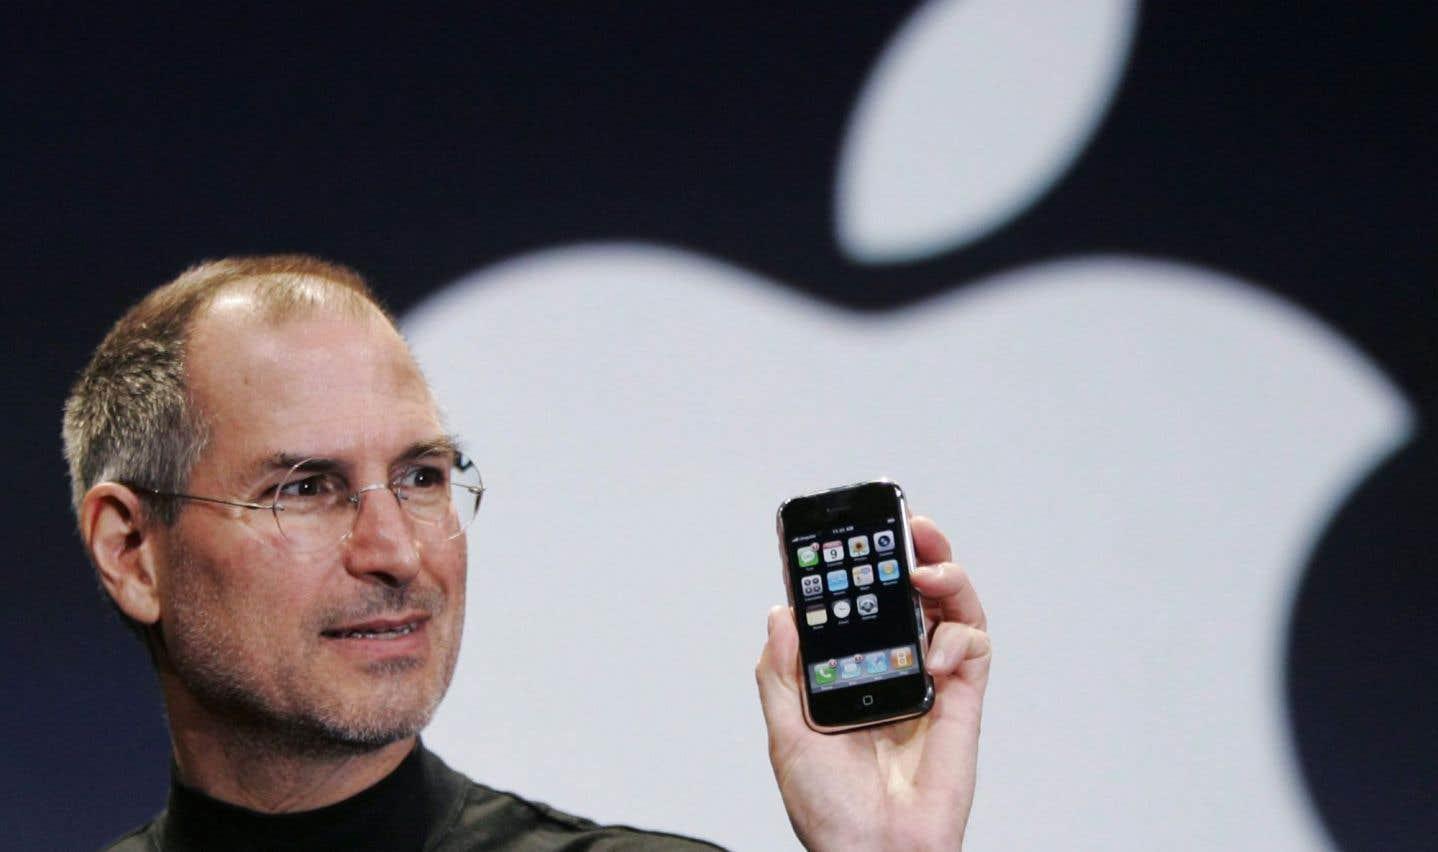 L'iPhone a 10 ans: 6 graphiques pour comprendre son impact